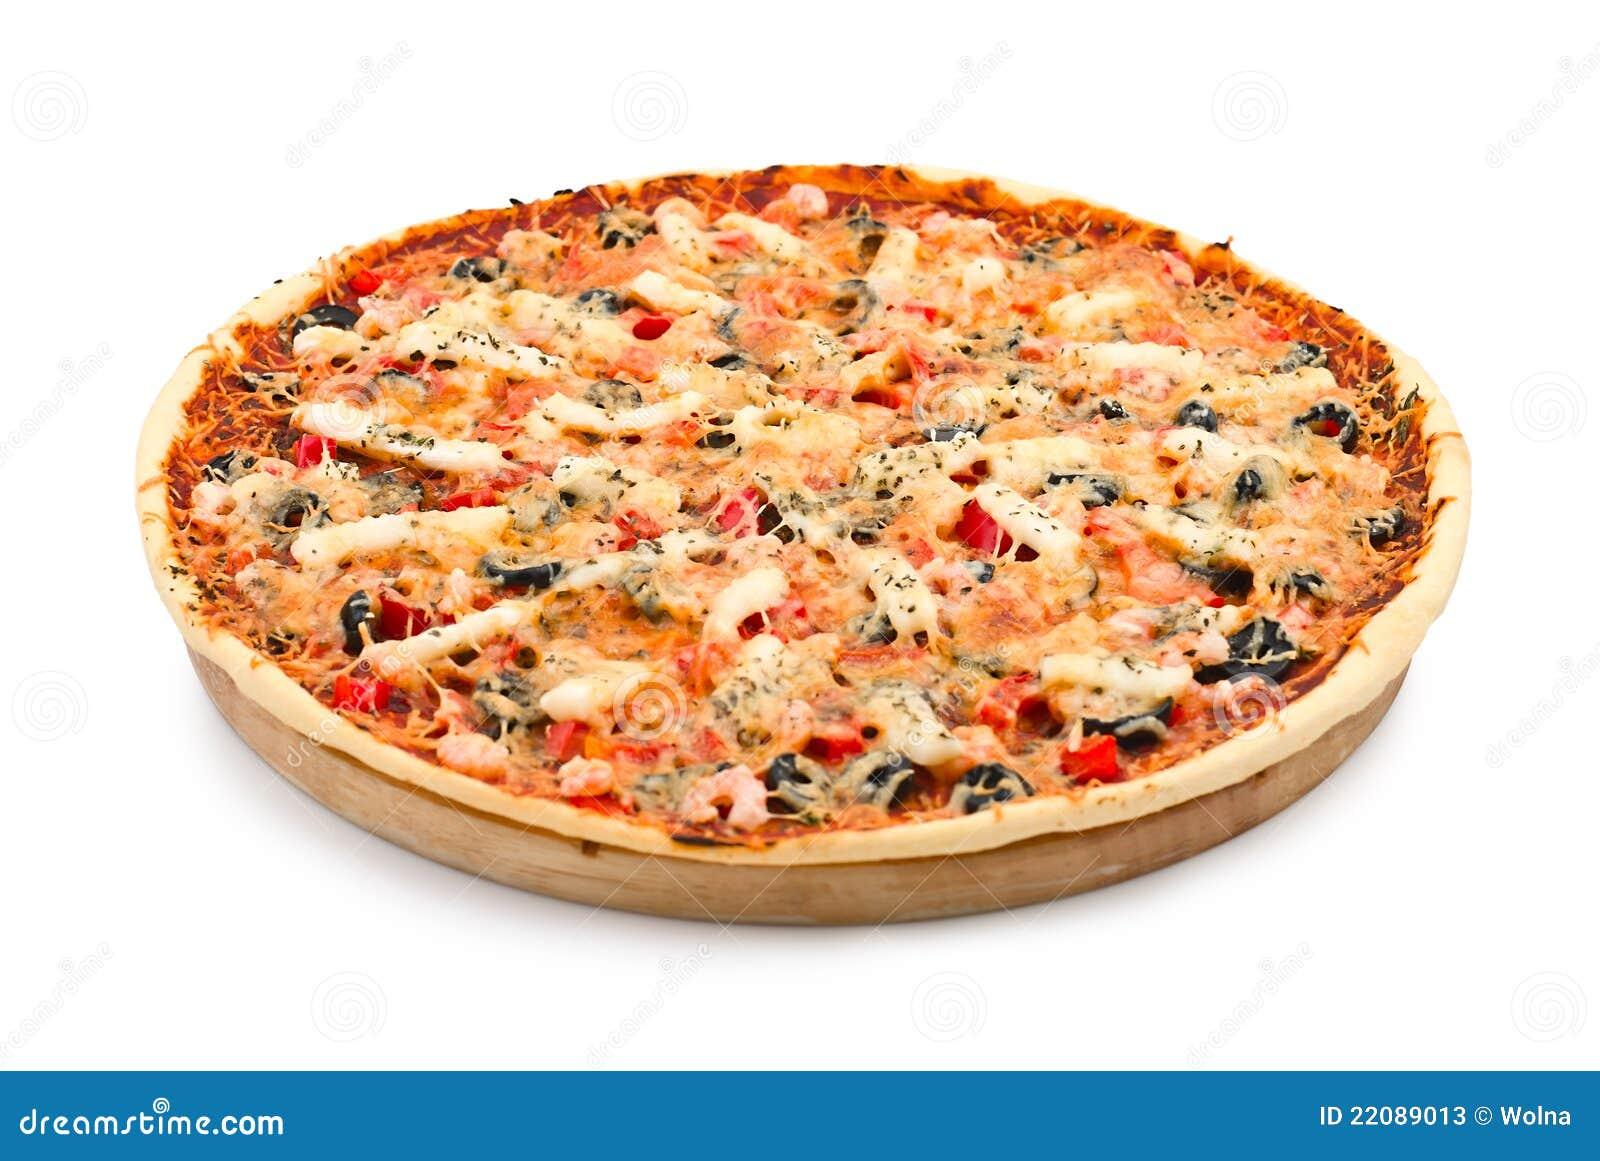 pizza avec des fruits de mer image stock image 22089013. Black Bedroom Furniture Sets. Home Design Ideas